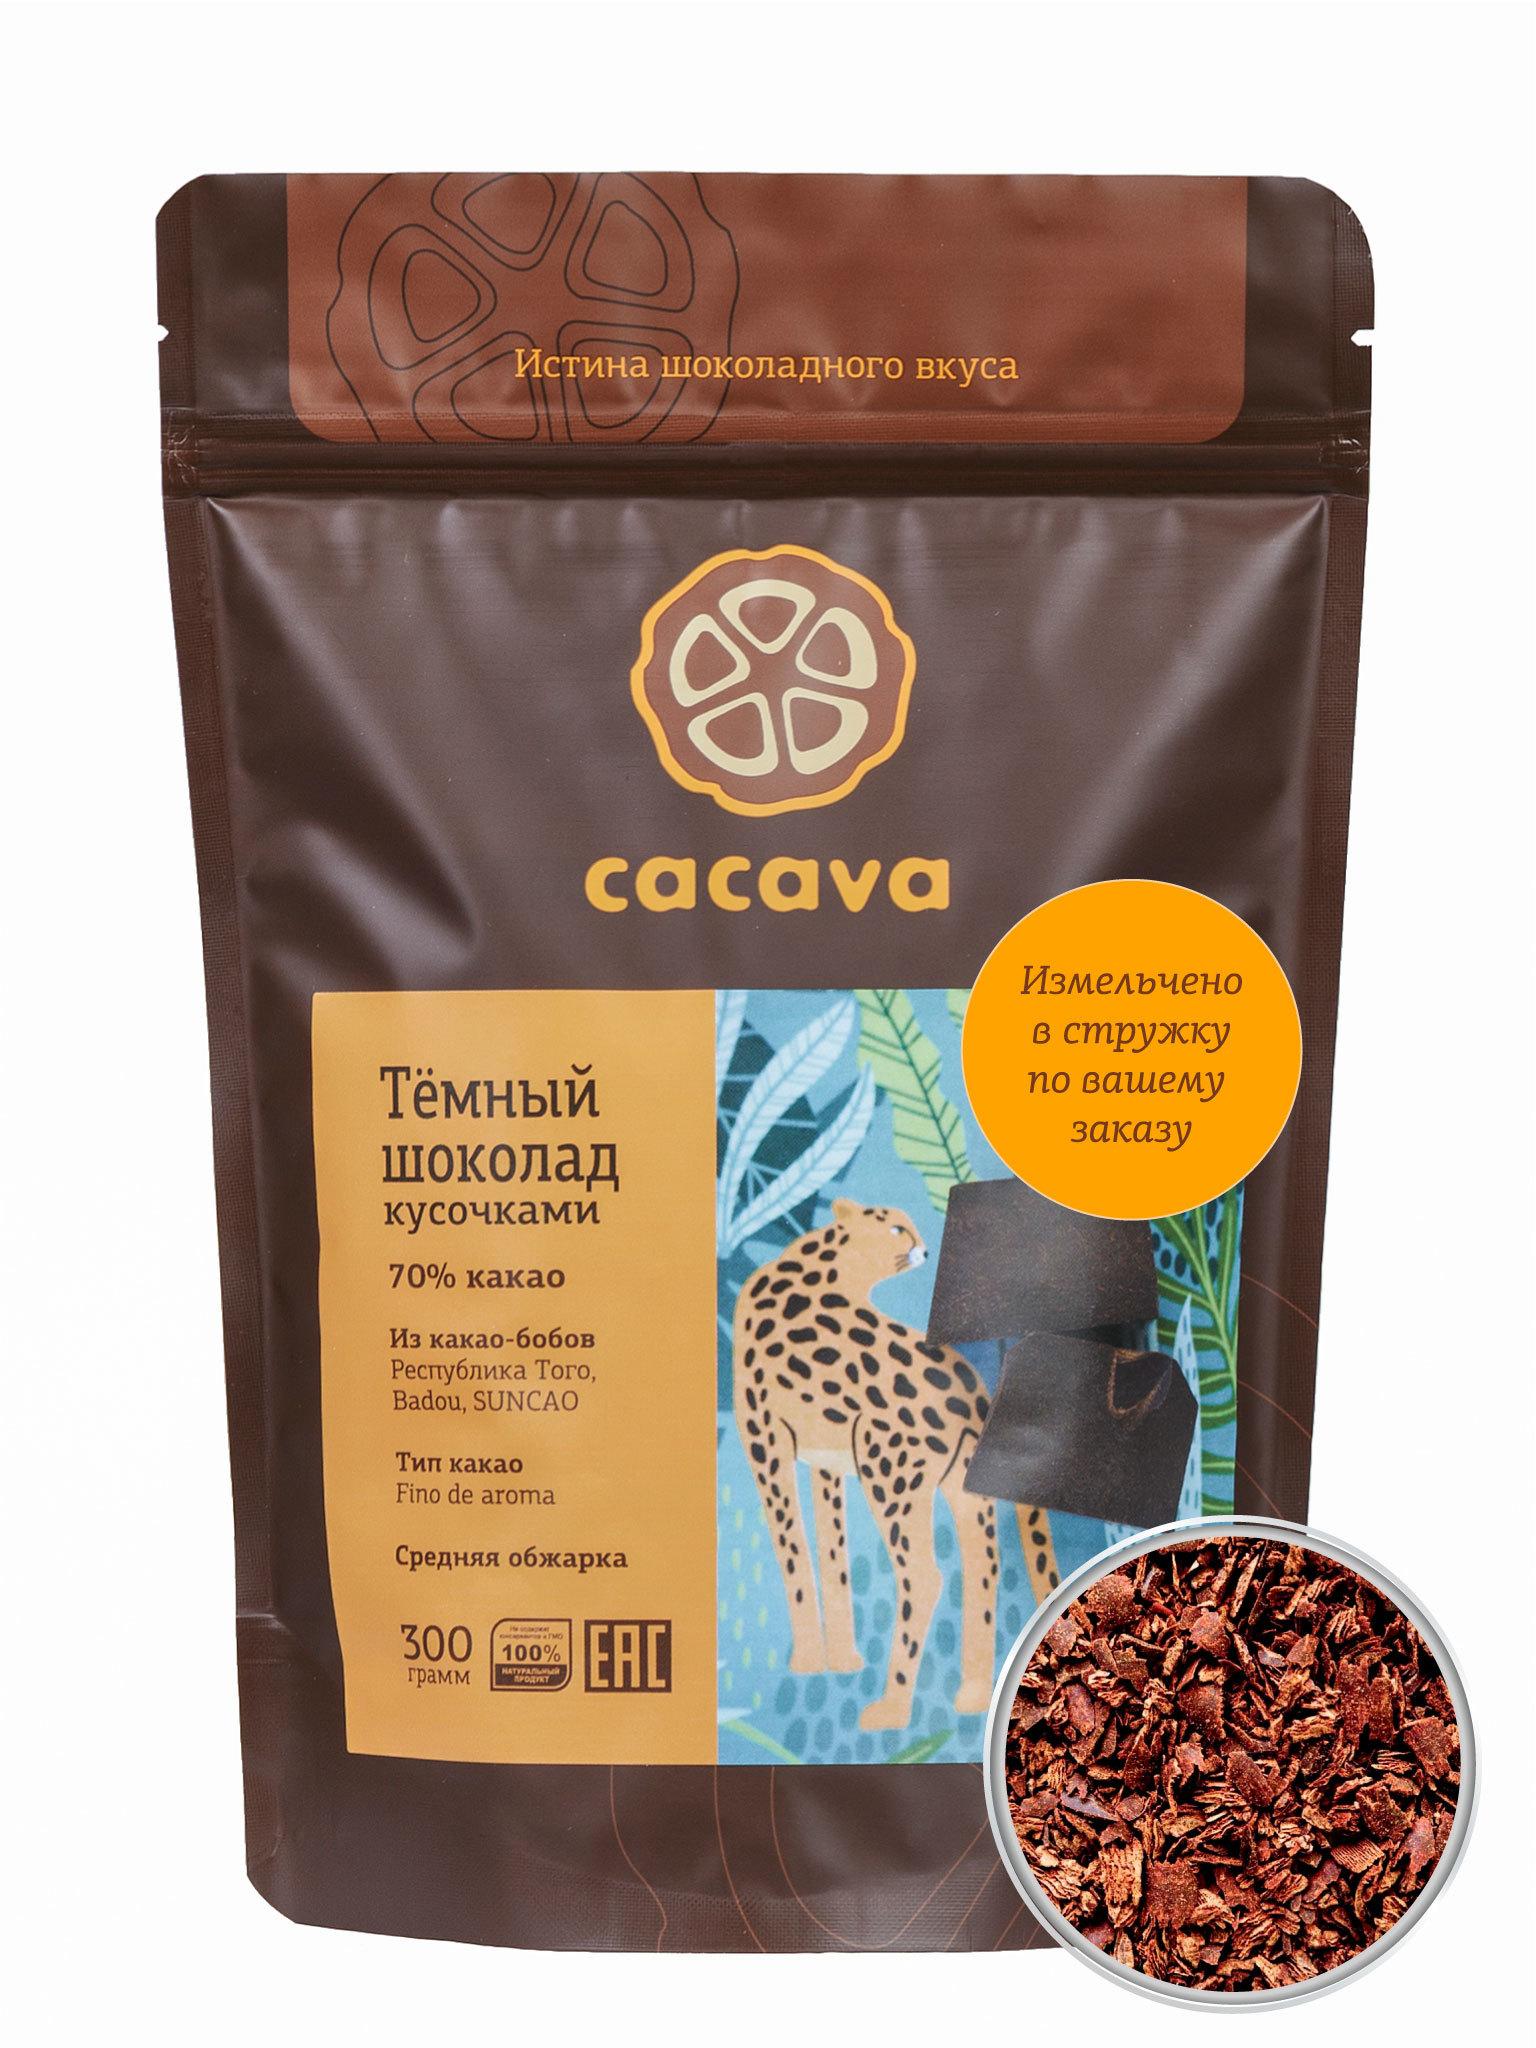 Тёмный шоколад 70 % какао в стружке (Того, Badou), упаковка 300 грамм